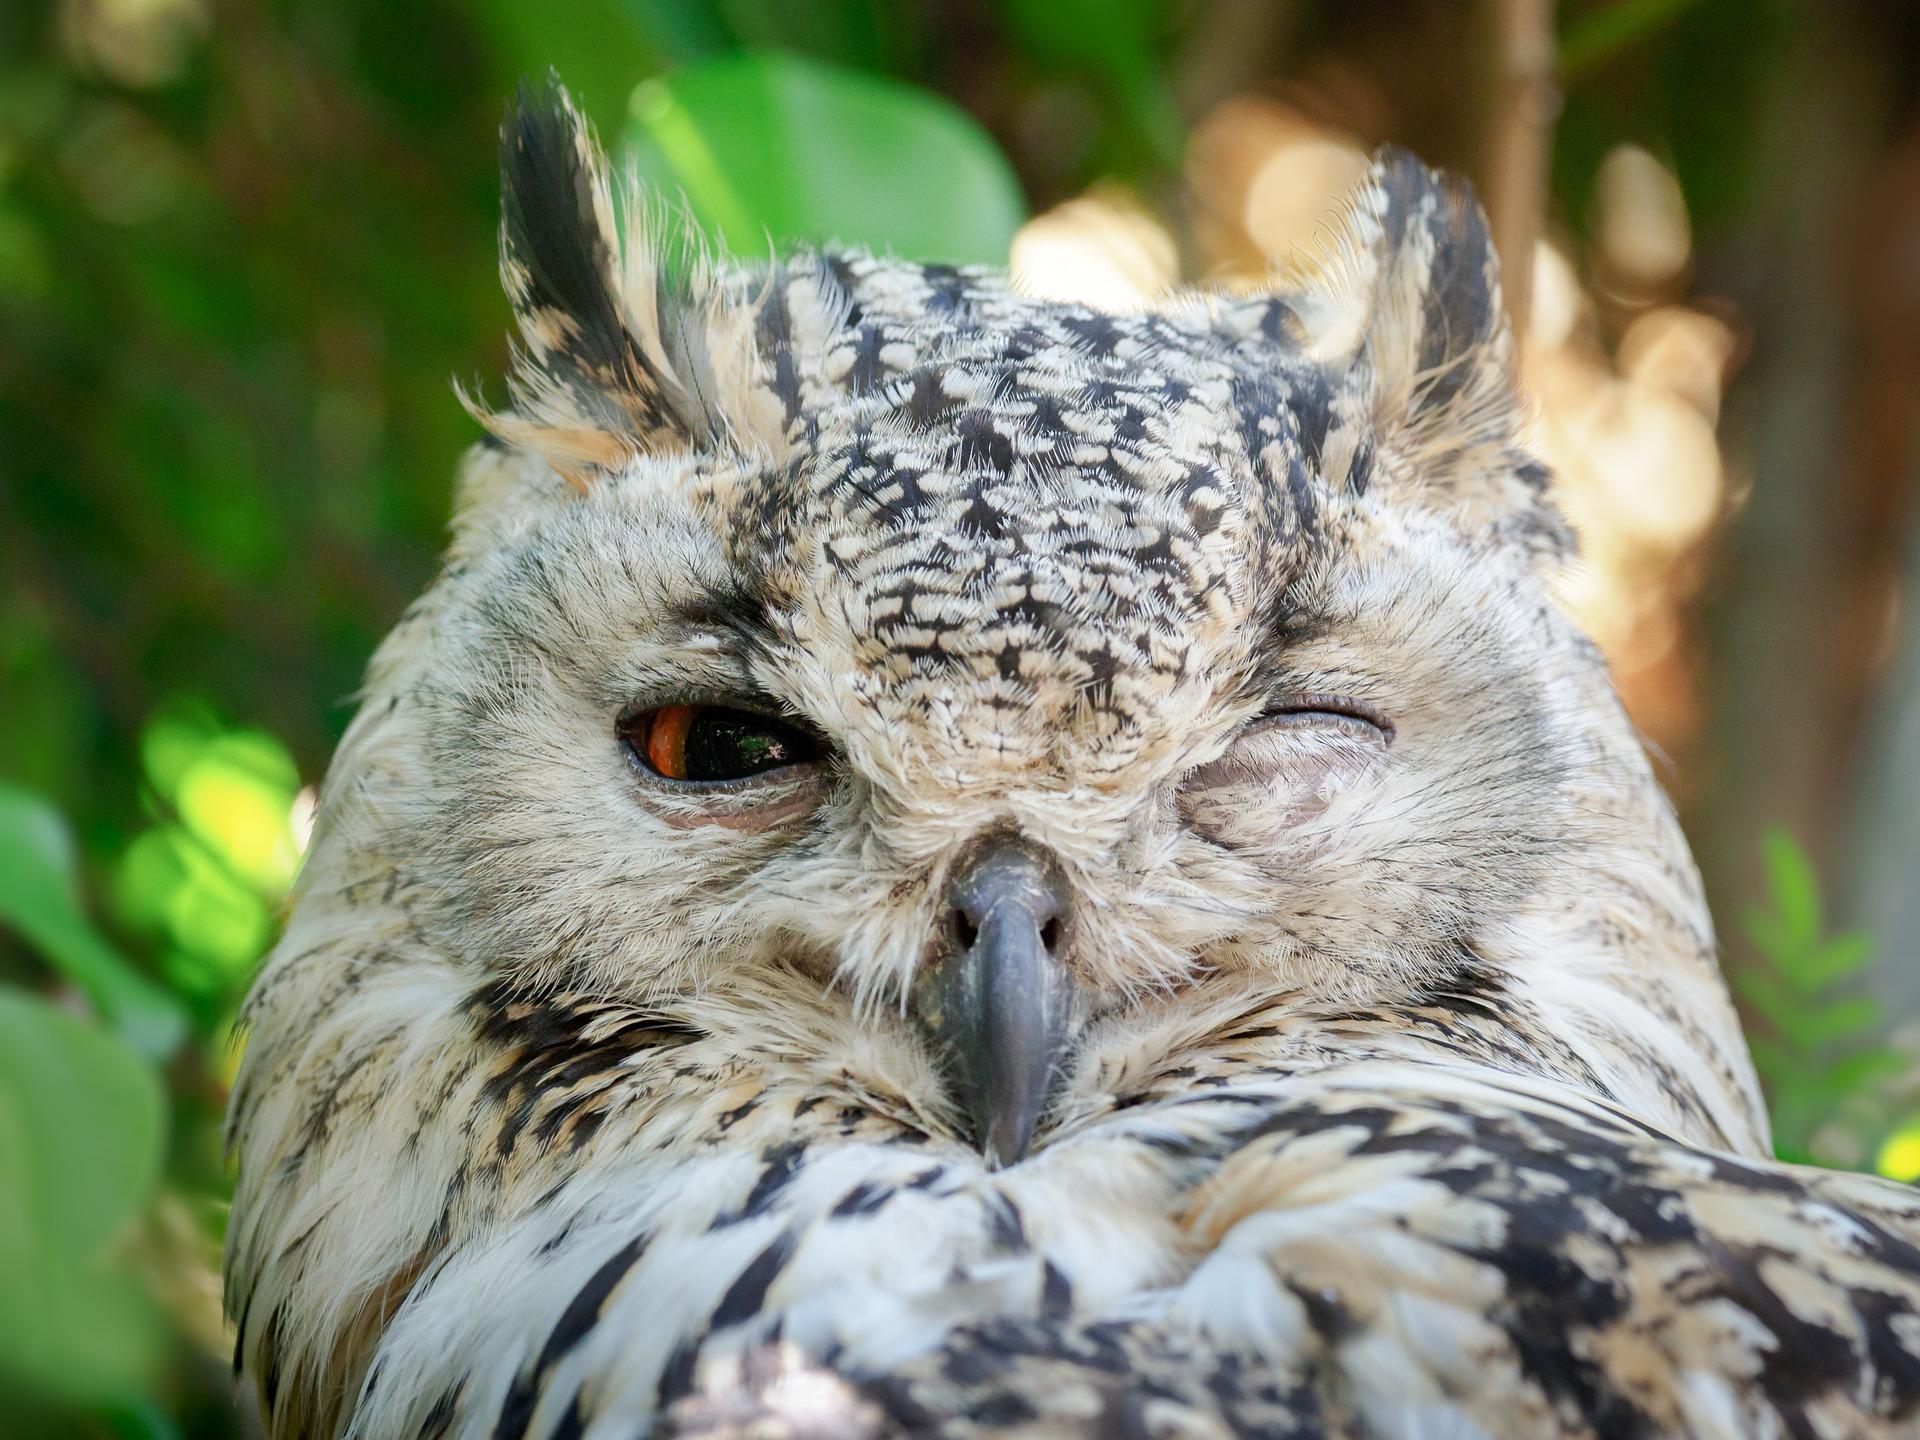 bengal-eagle-owl-3452925_1920